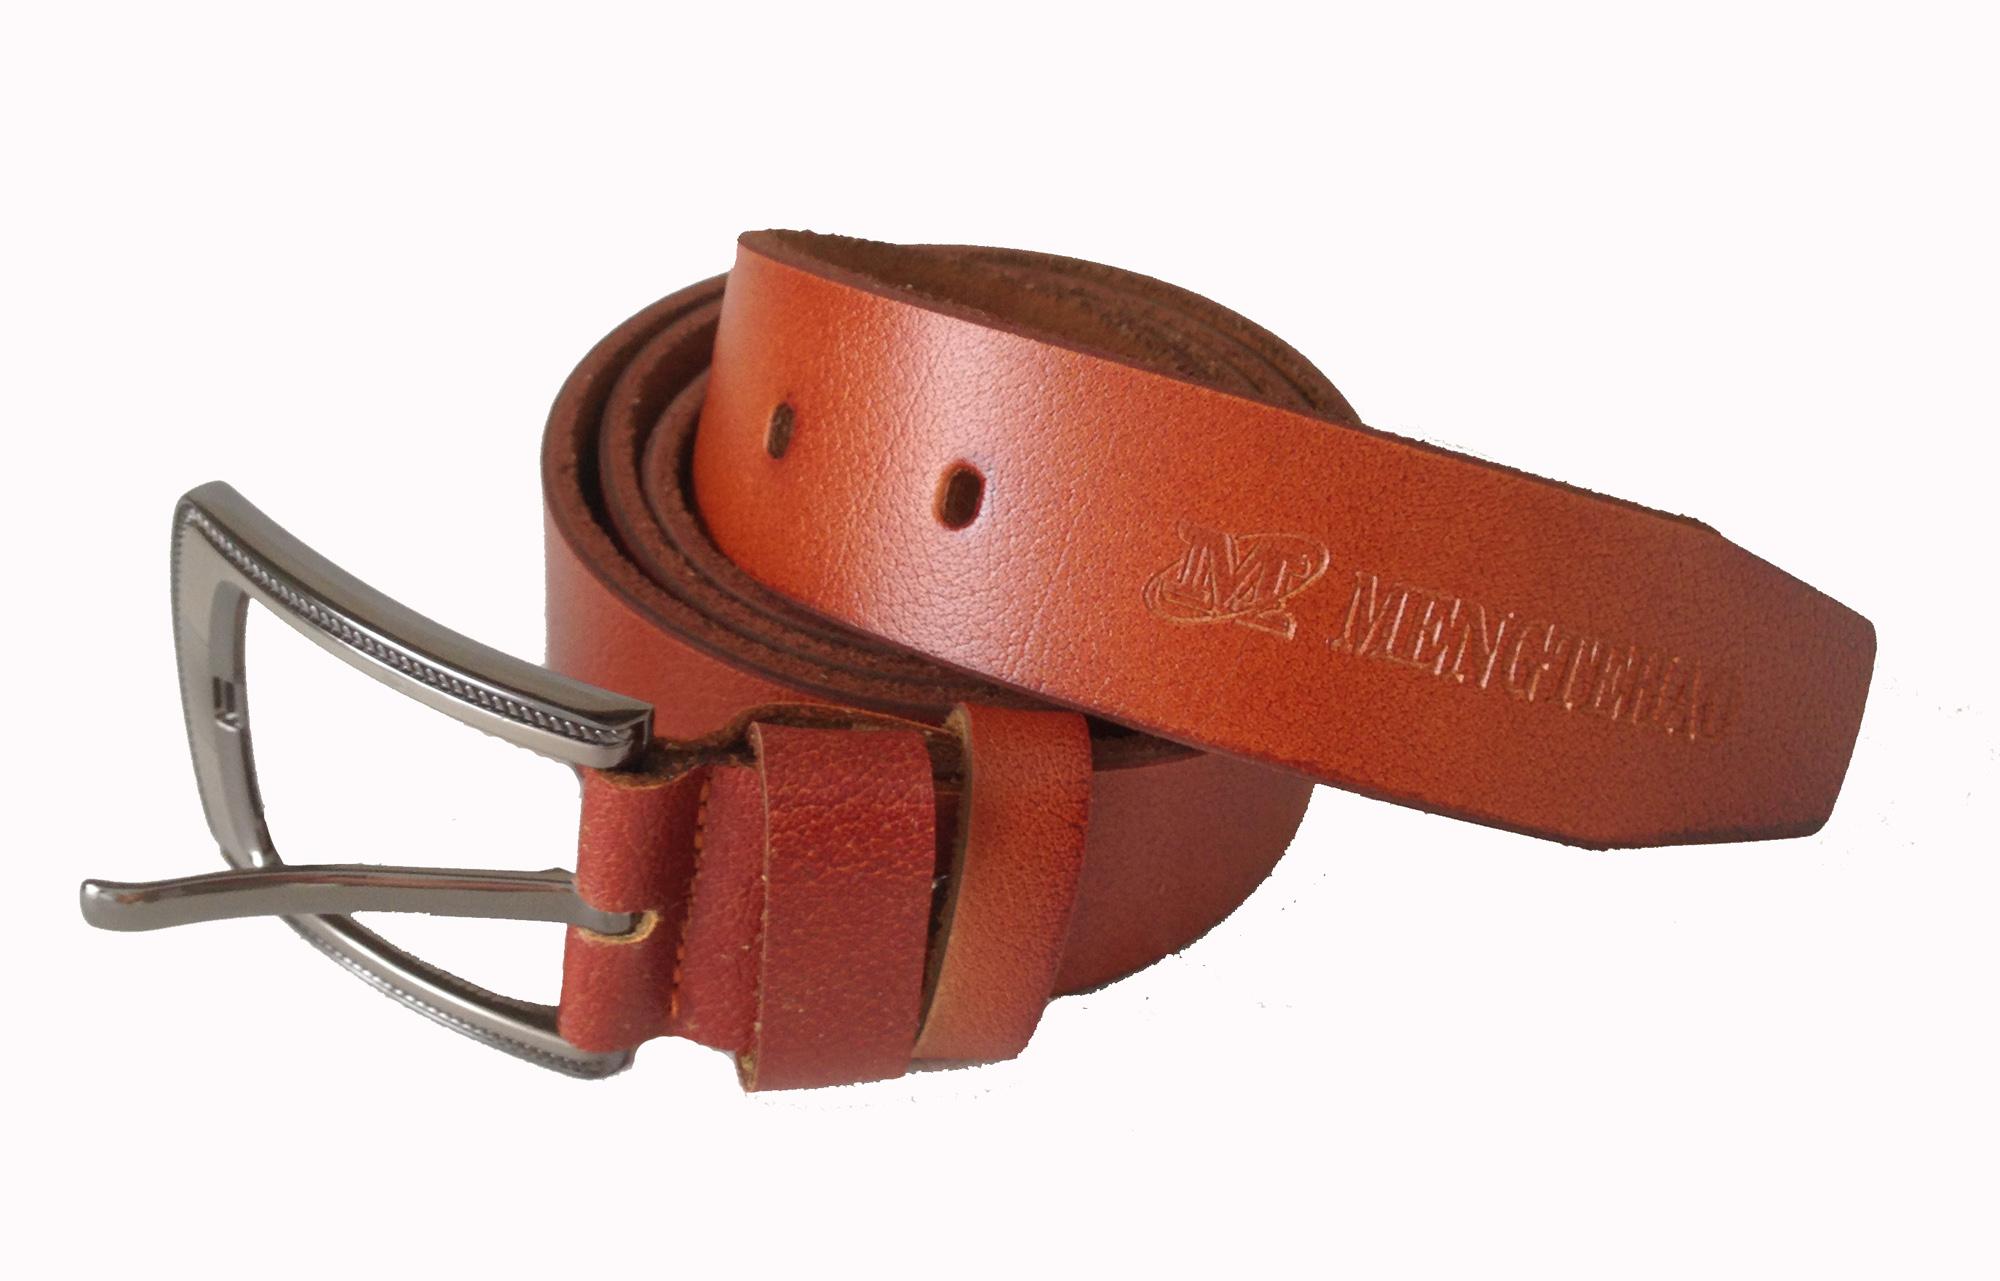 Gürtel Echt Leder Herren Damen Ledergürtel Jeansgürtel Belt 3,5 mm kupfer 110 cm